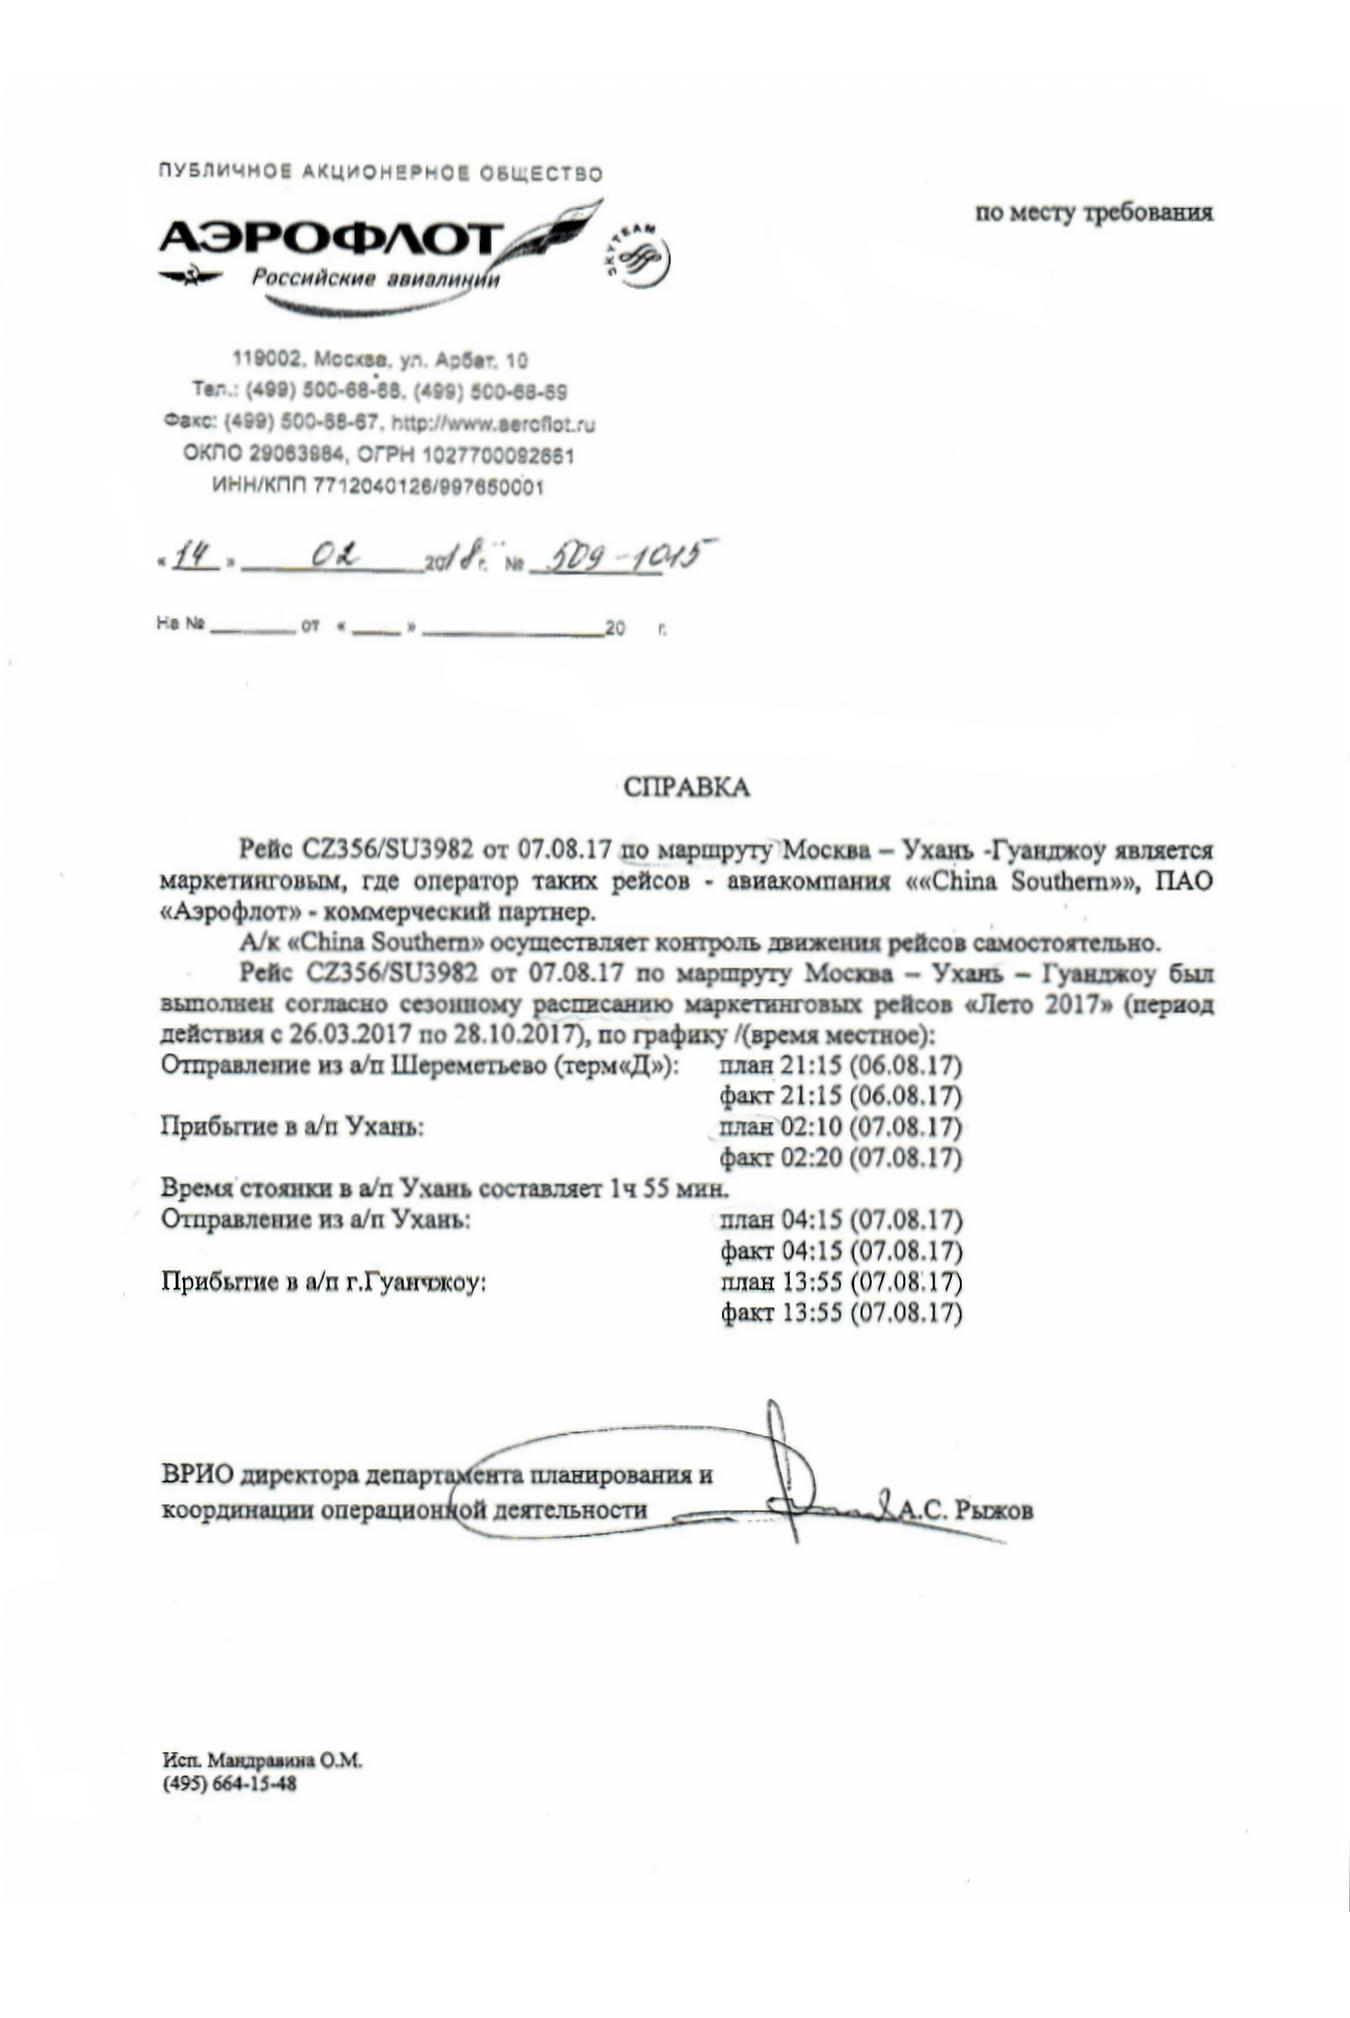 Справка от авиакомпании в материалах дела. В документе упомянут Ухань, но в проездных документах его нет